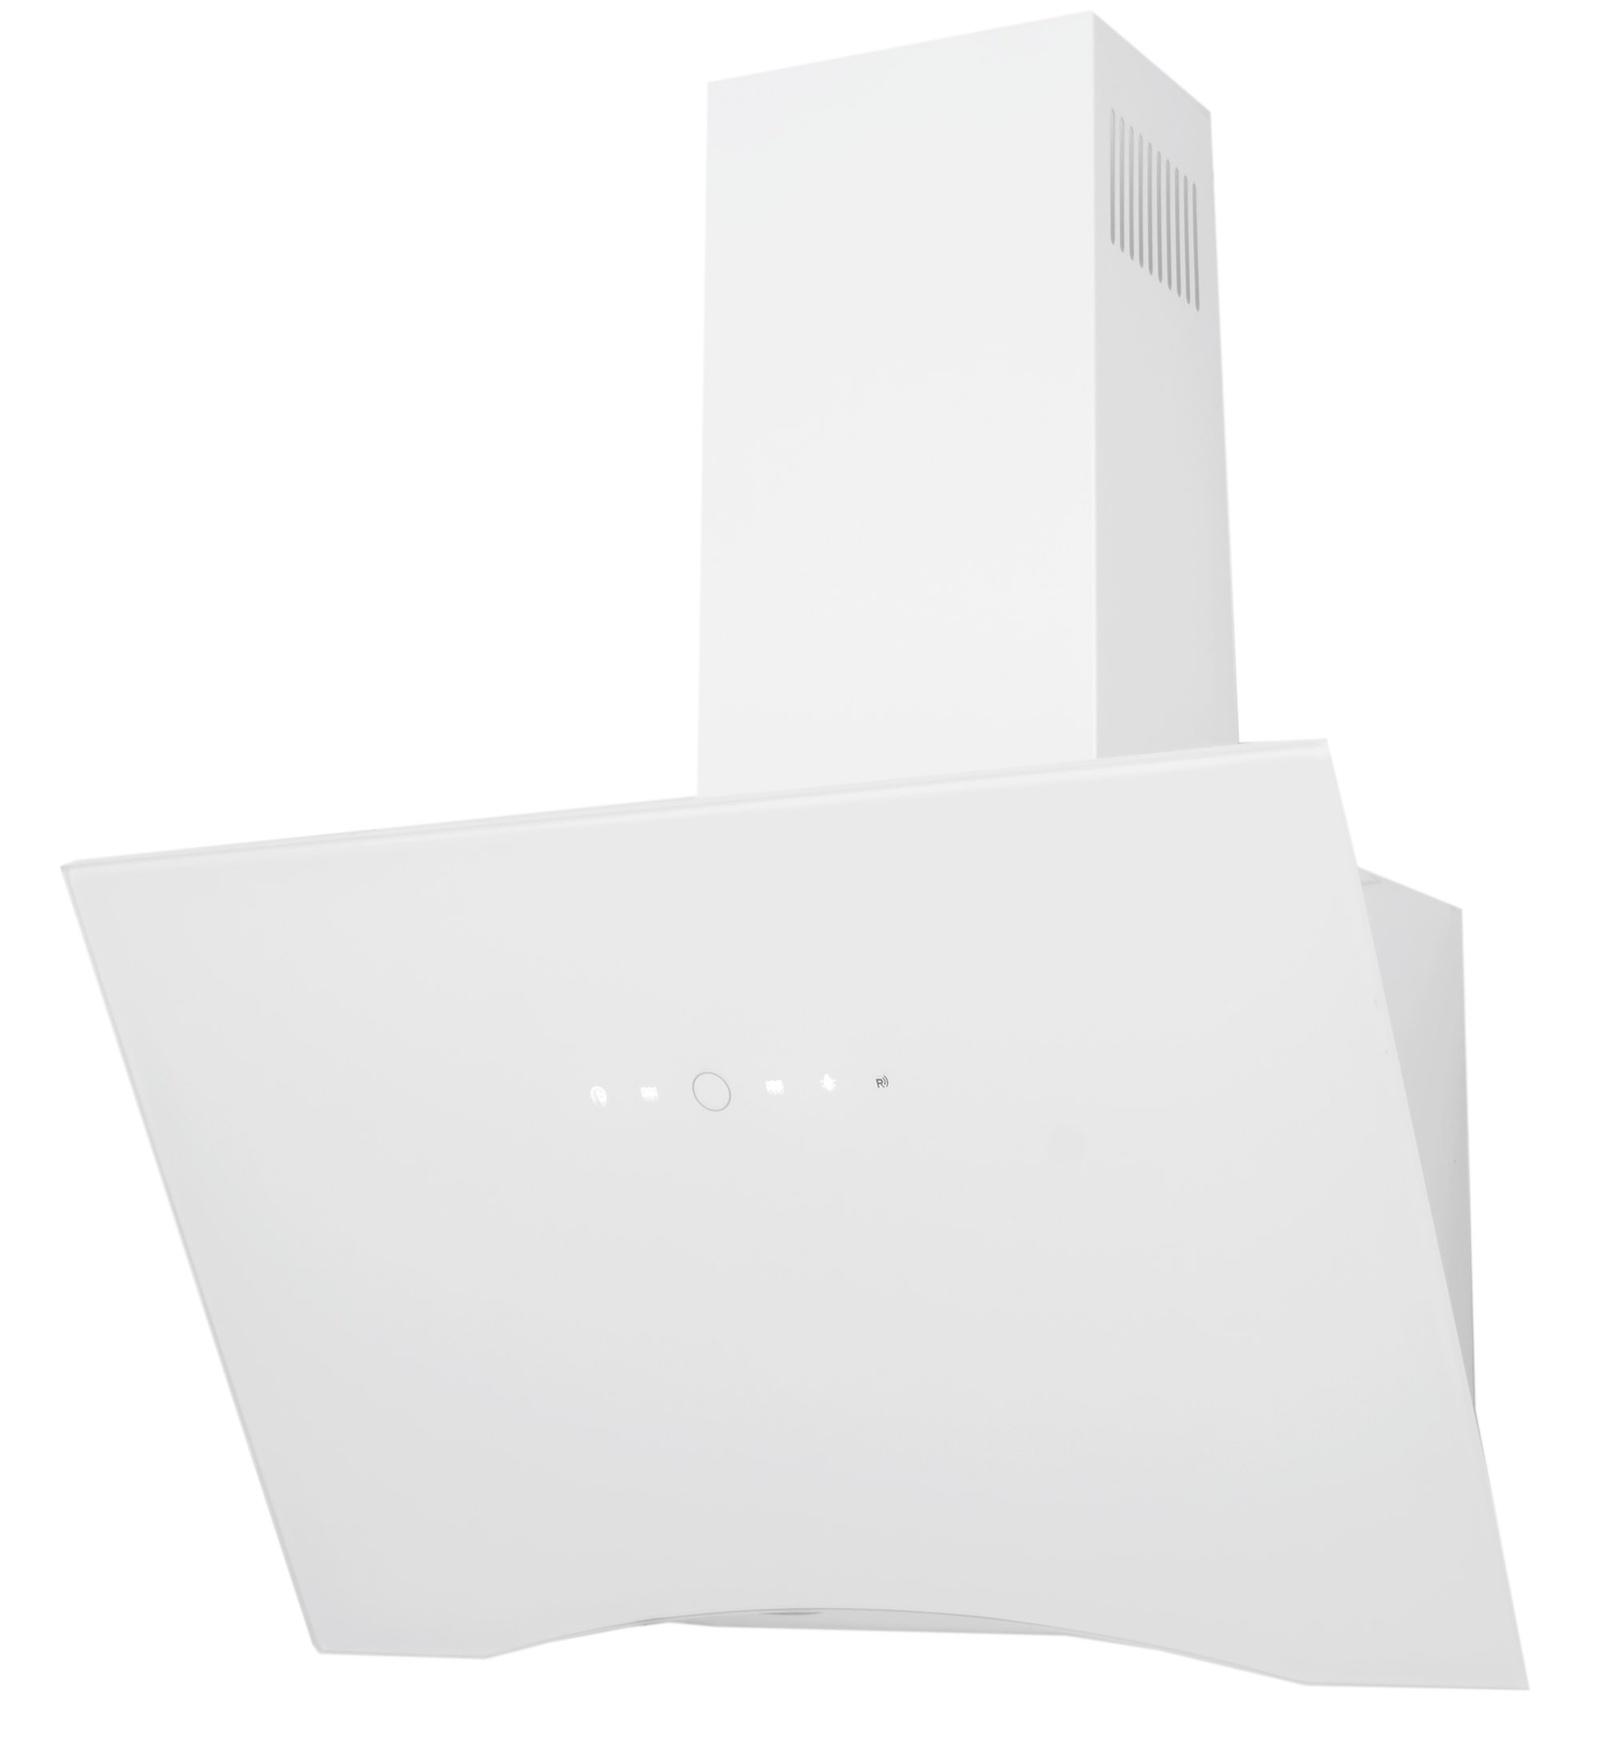 лучшая цена Вытяжка Exiteq EX-1116 white, 30220, белый